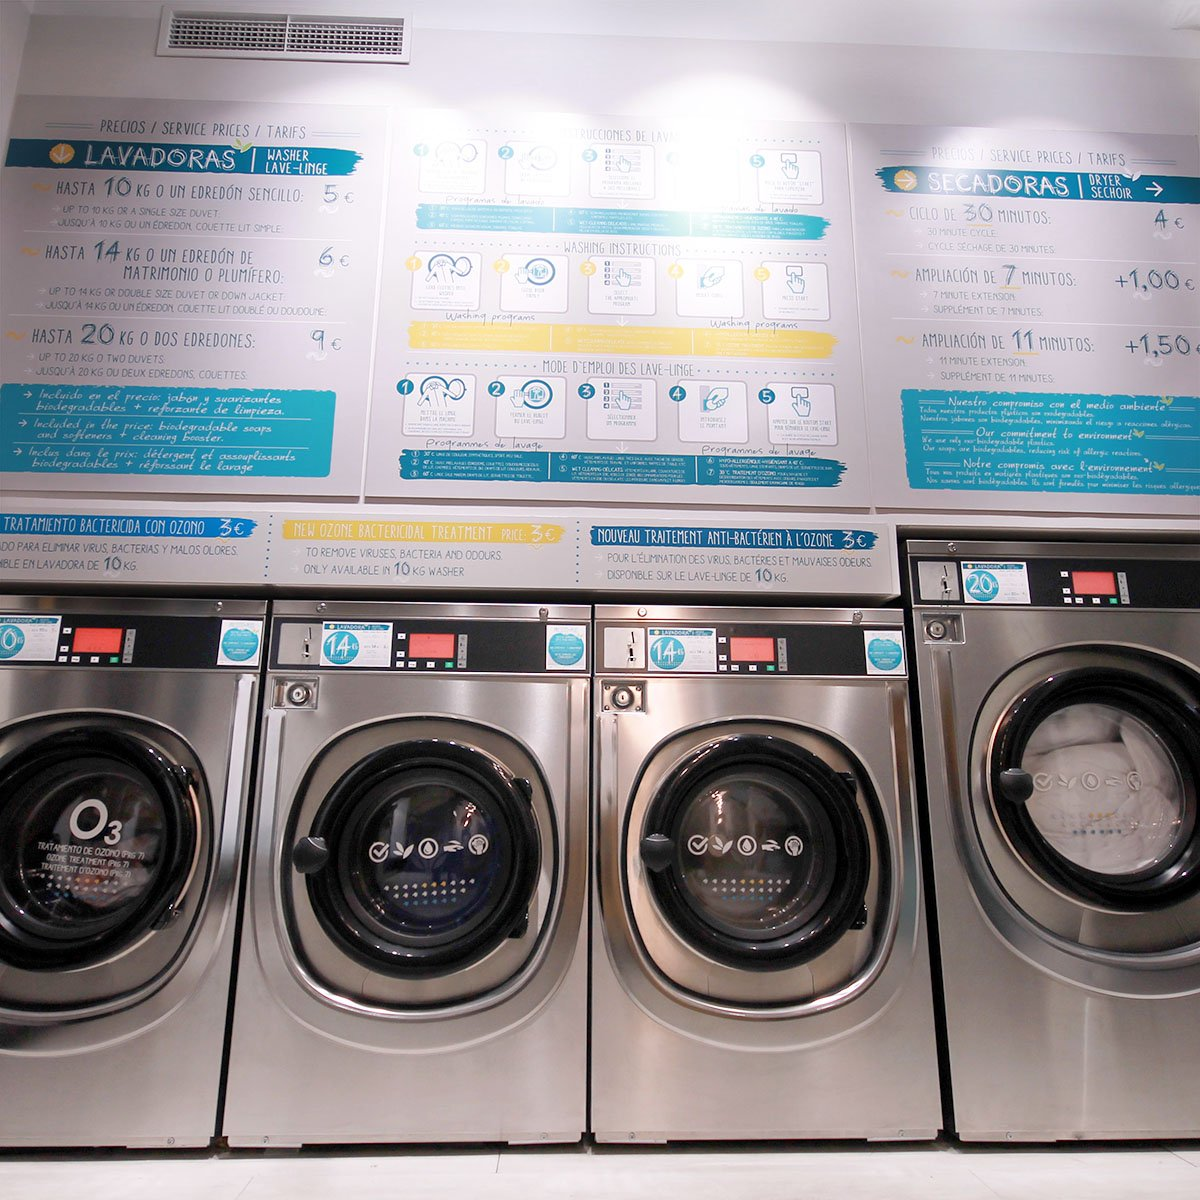 lavanderías Pressto + Plus